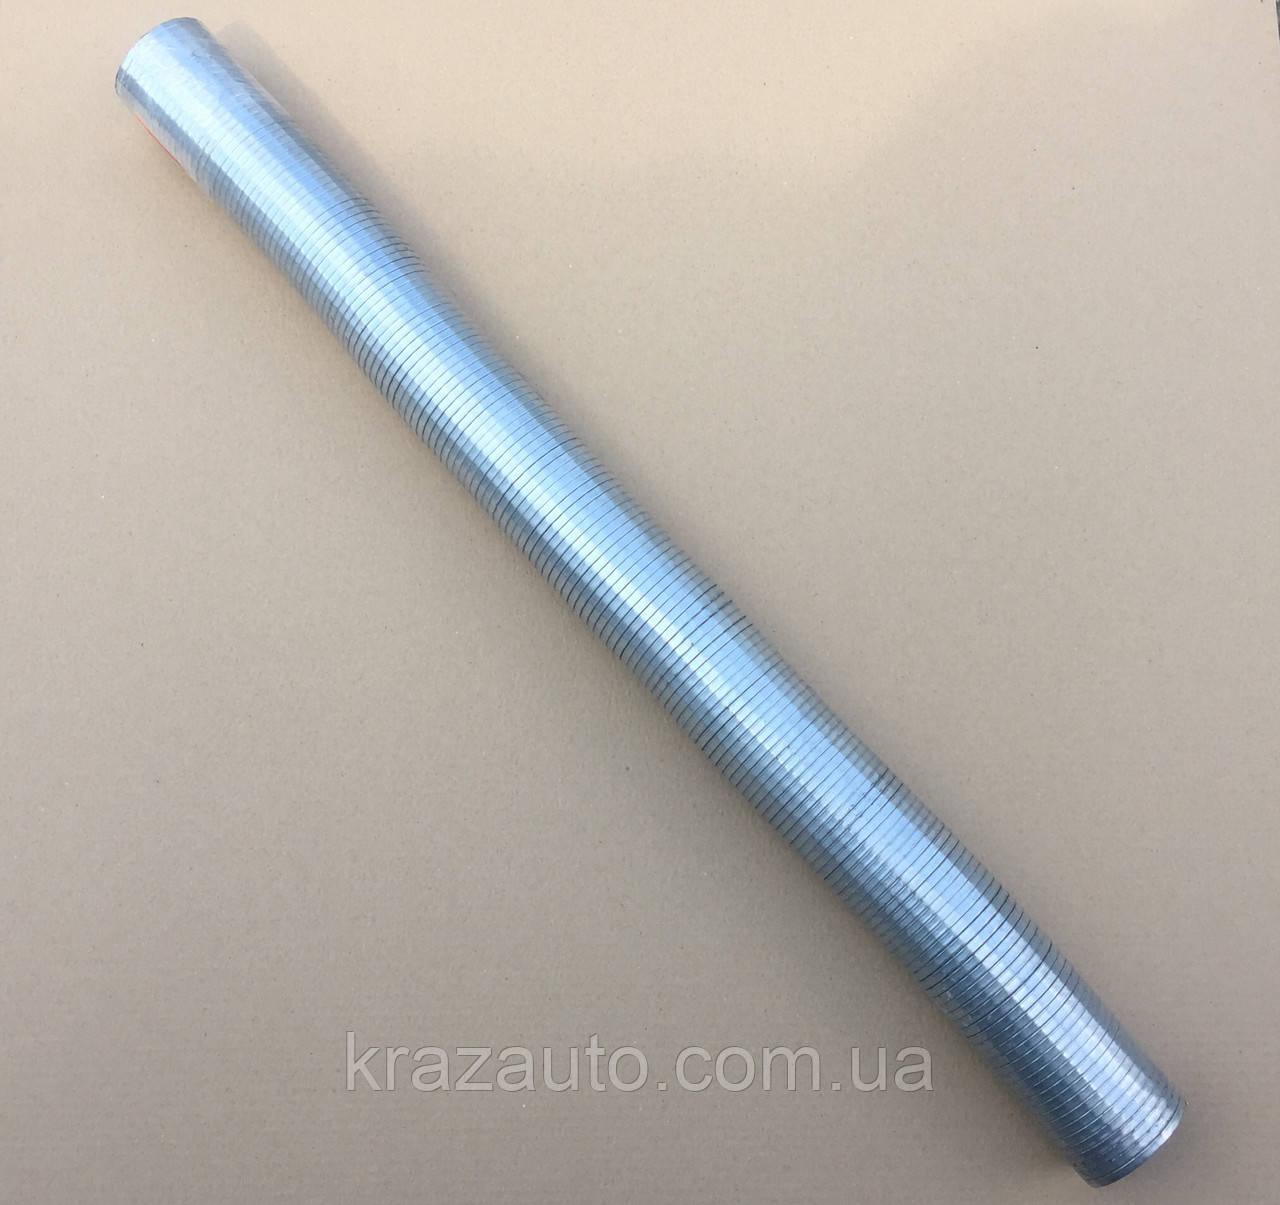 Гофра D 80 ( L=1 м.) металлорукав (оцинков.) (пр-во Украина) РМВ 80х1000